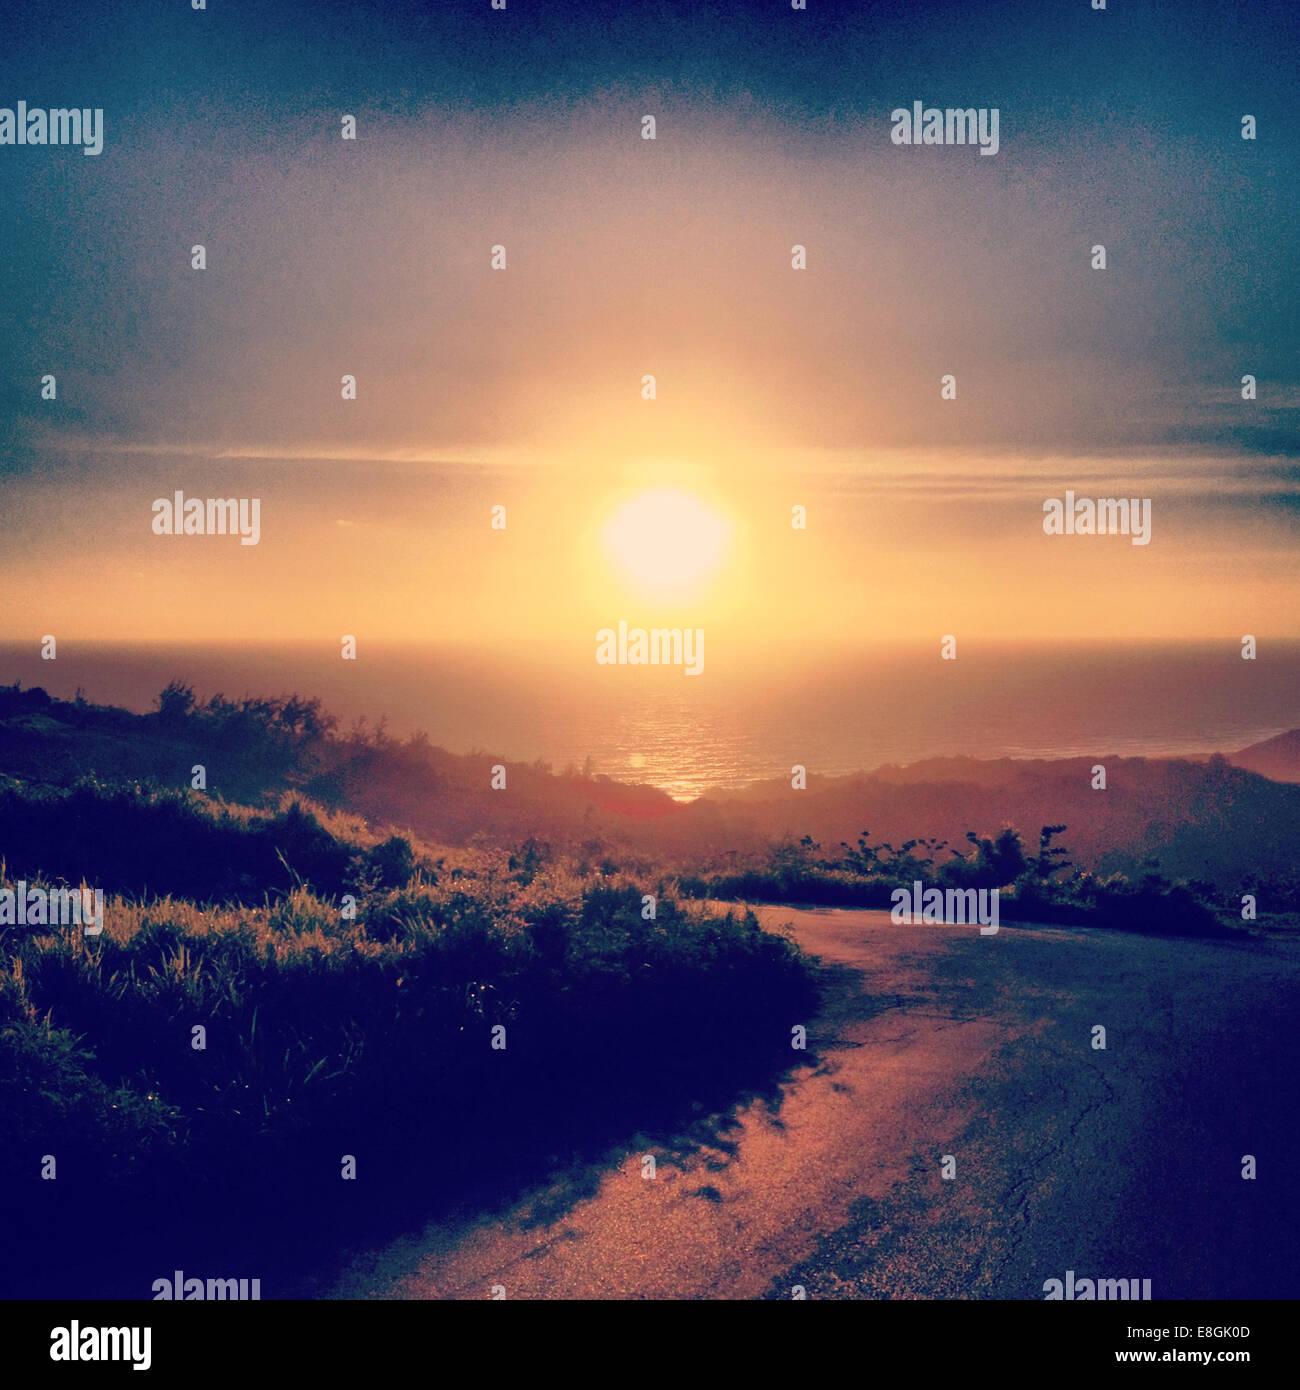 Barbados, Bathsheba, Sunrise in Barbados - Stock Image